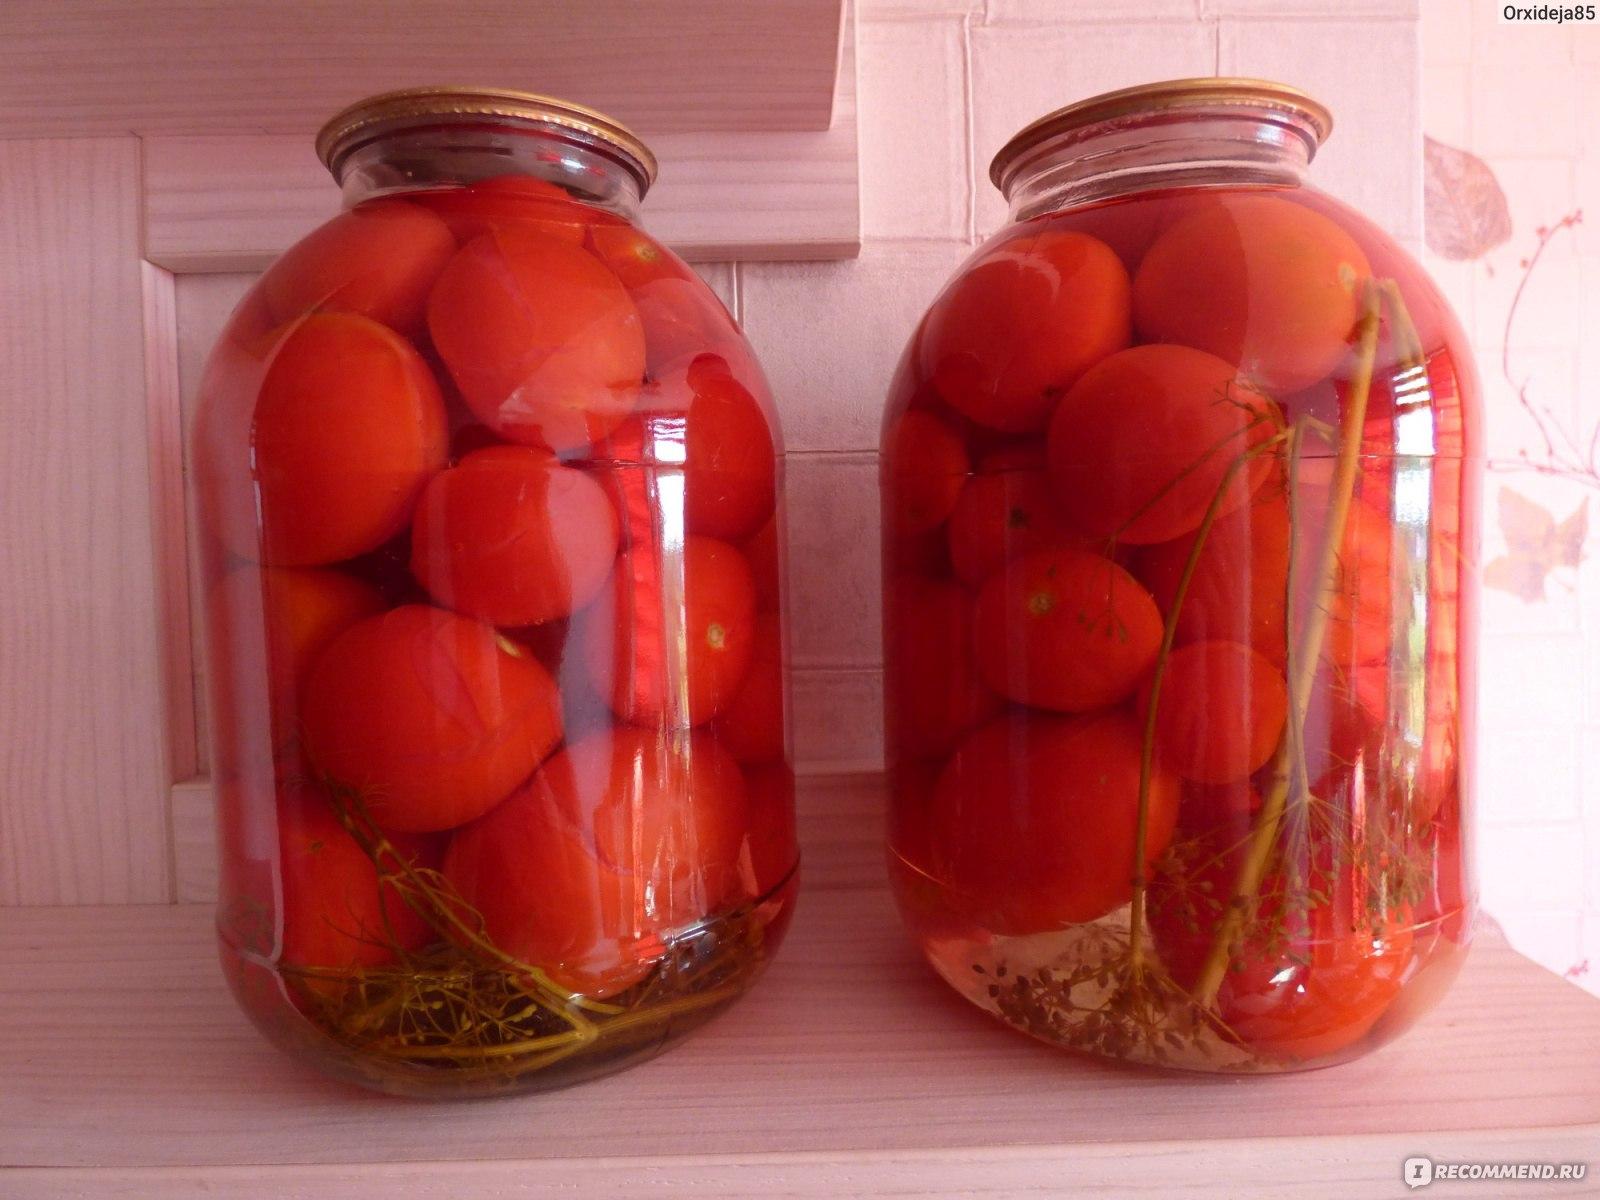 Популярные рецепты помидоров на зиму по-чешски пальчики оближешь